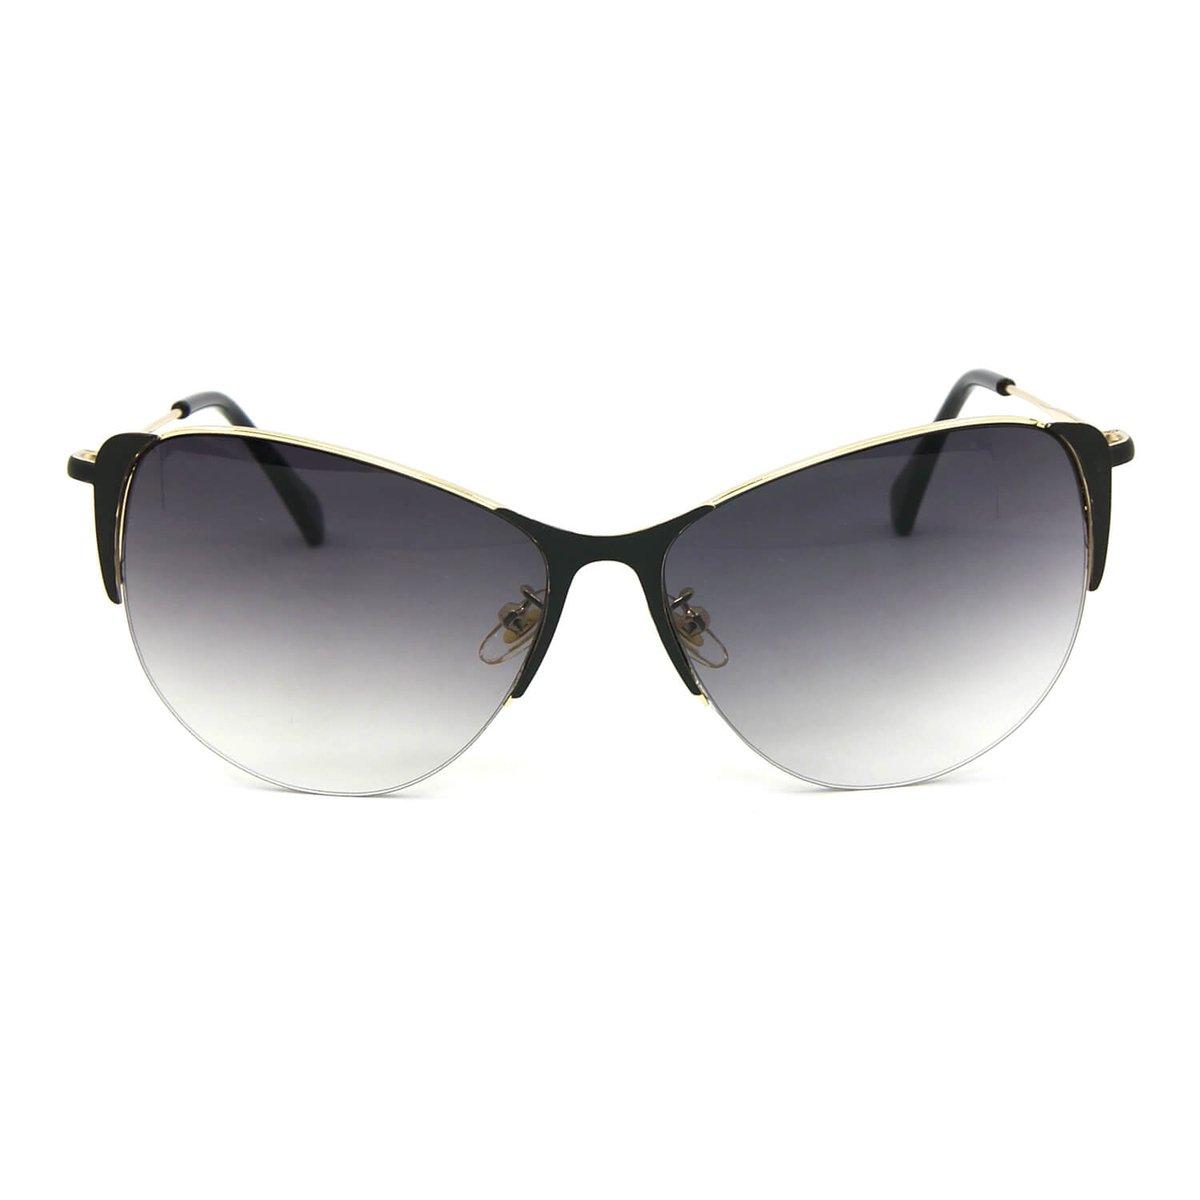 Óculos de Sol Gatinha Glamour Lente Degradê - Preto - Compre Agora ... ca8d97482b